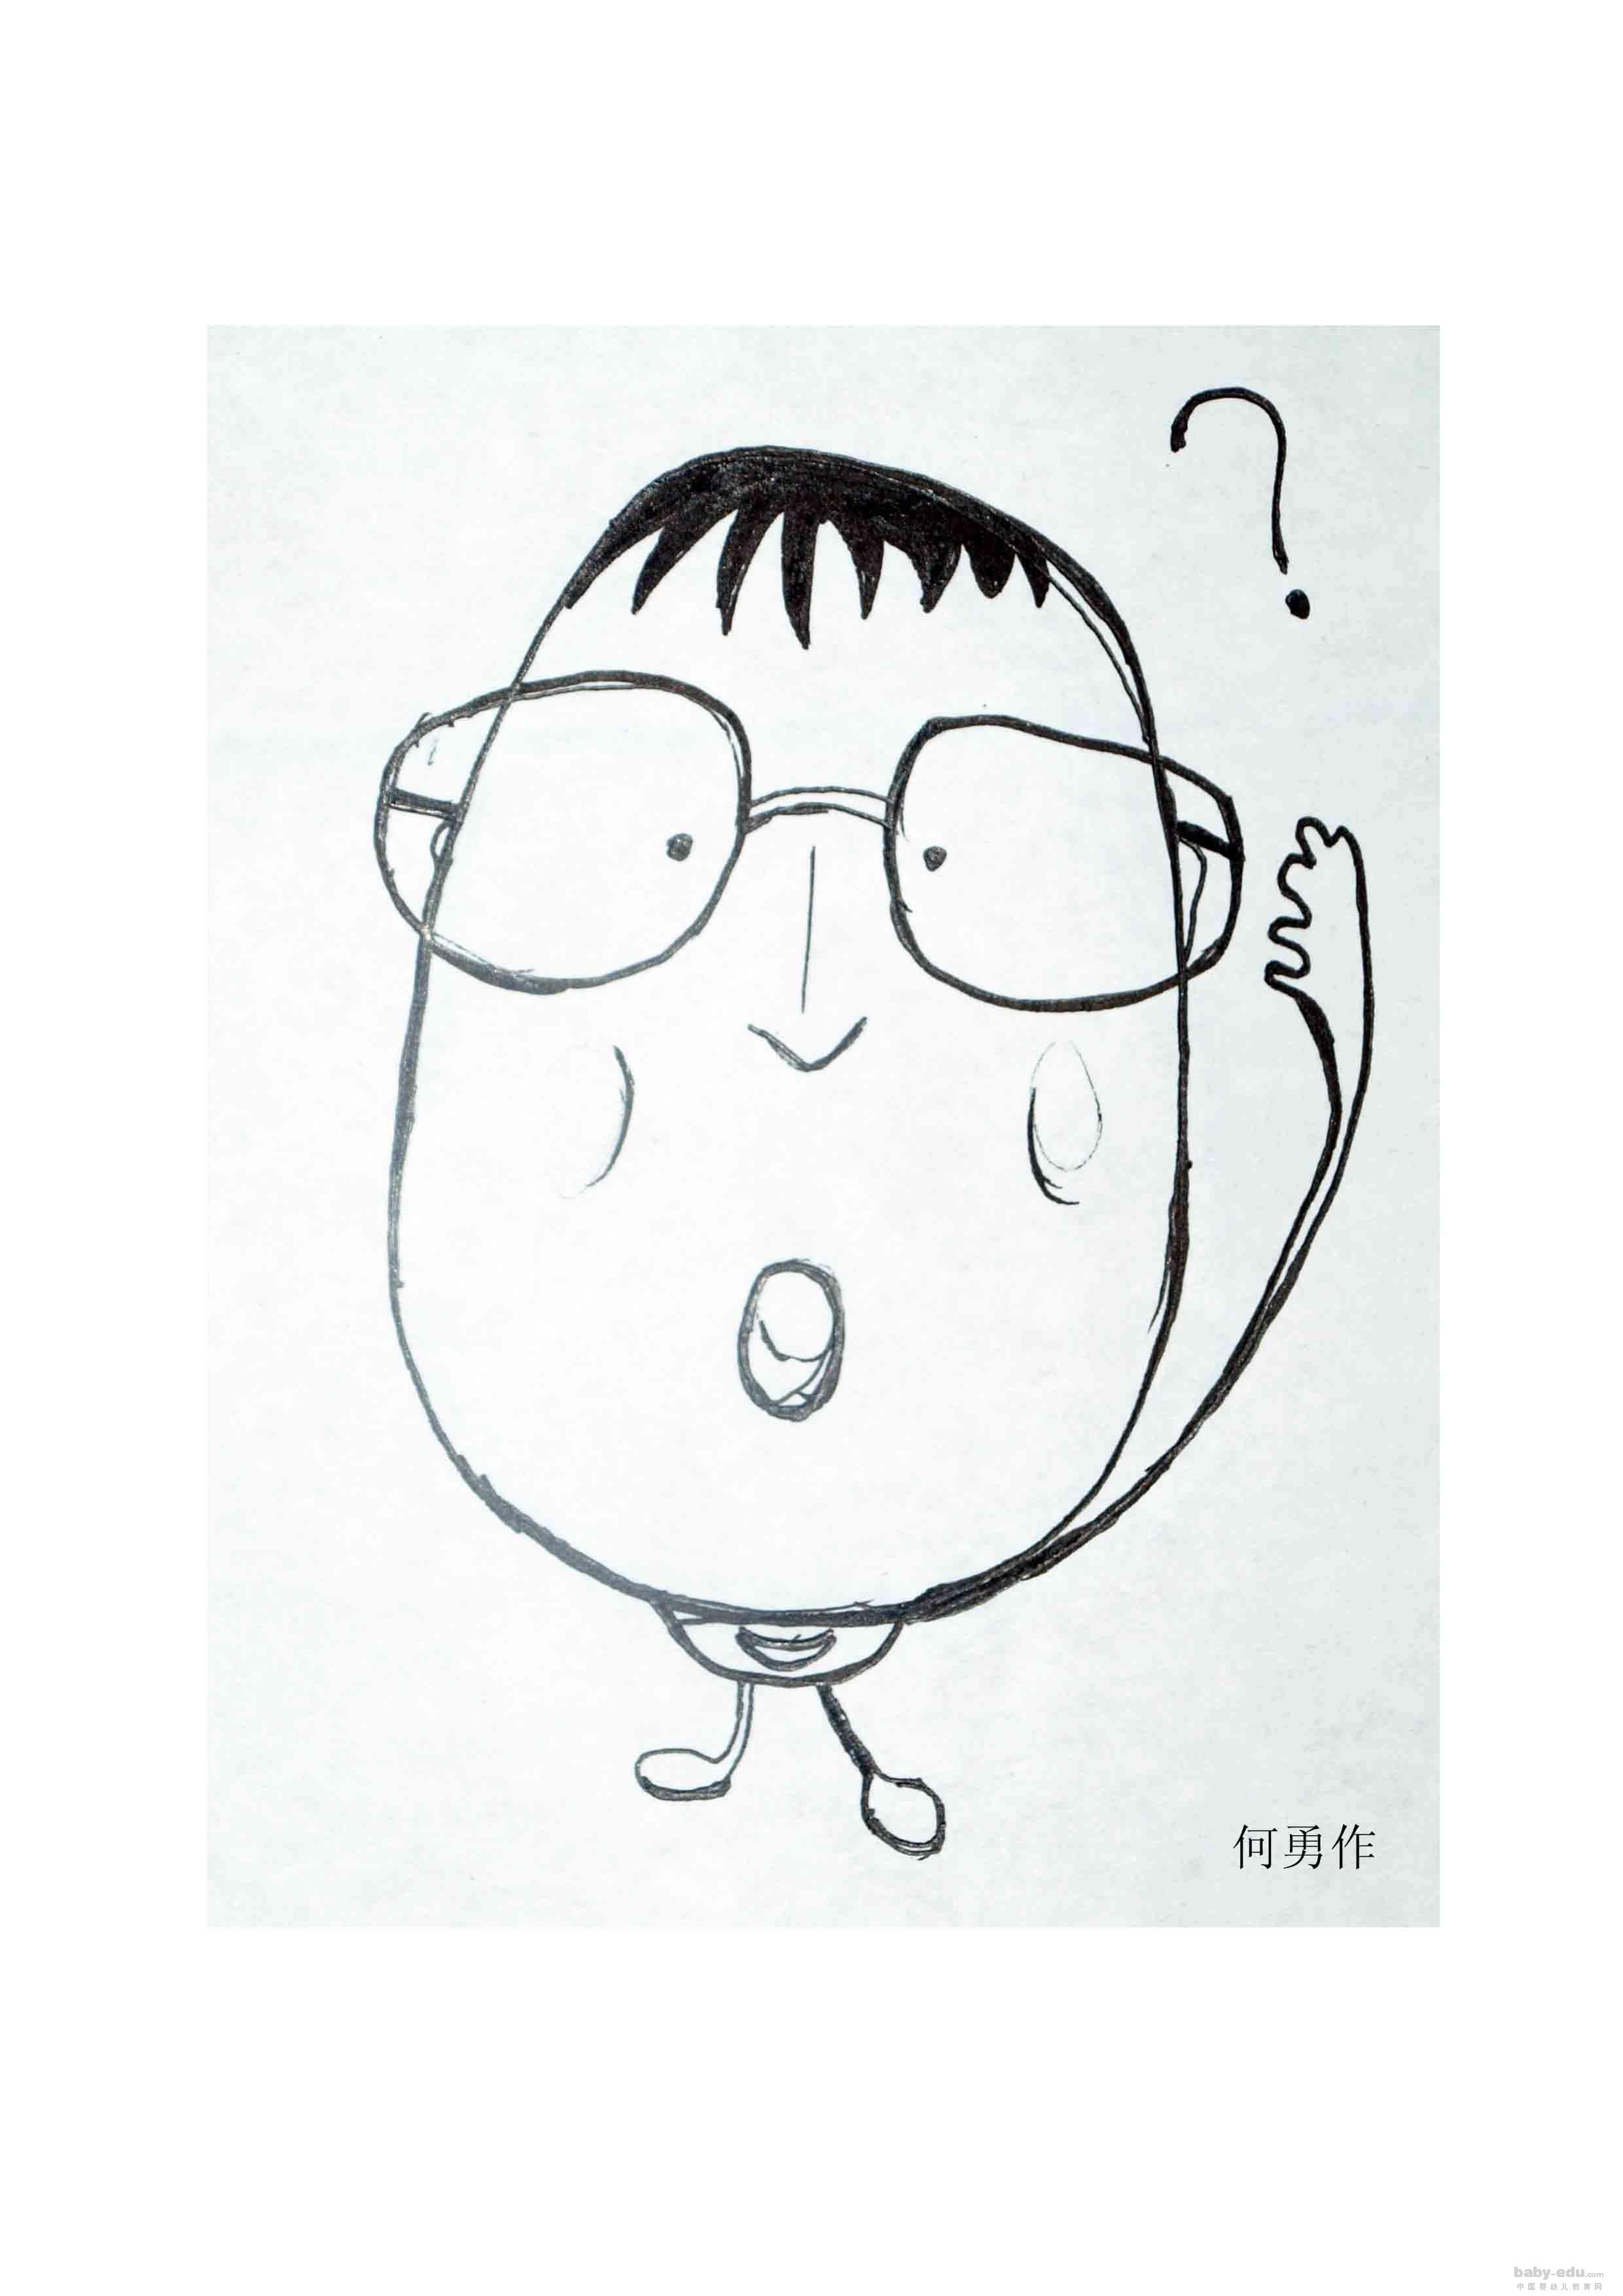 表情 人物表情简笔画图片 一个很聪明的人 表情简笔画 中国婴幼儿教育